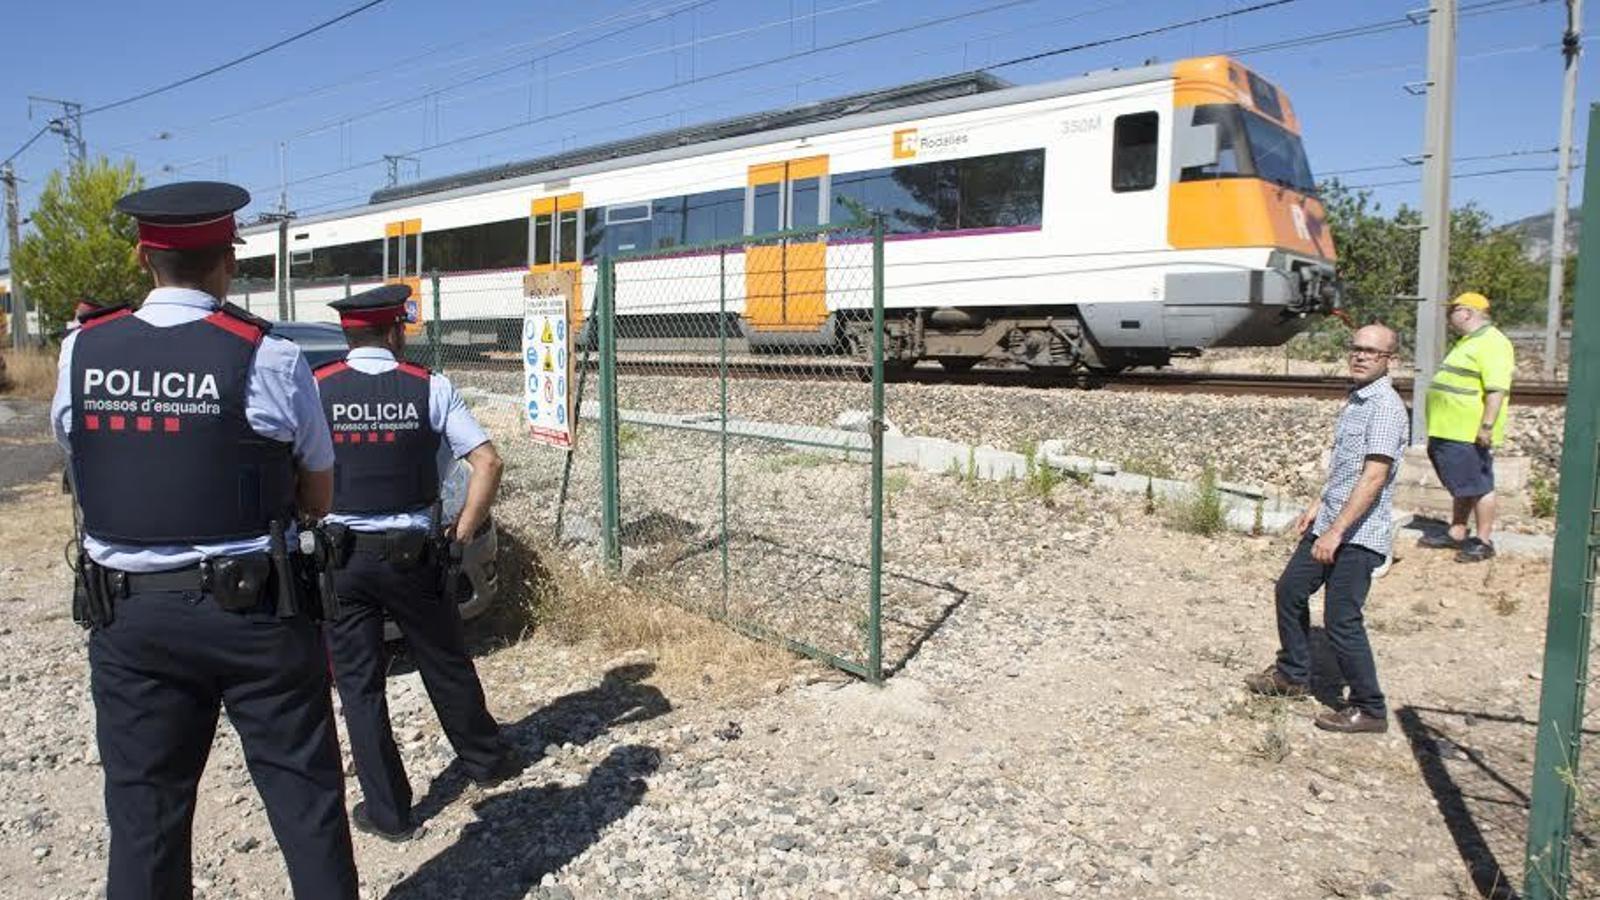 El tren de la R16 atrapat reprèn la marxa al cap de 160 minuts/ TKERK VAN DER MEULEN